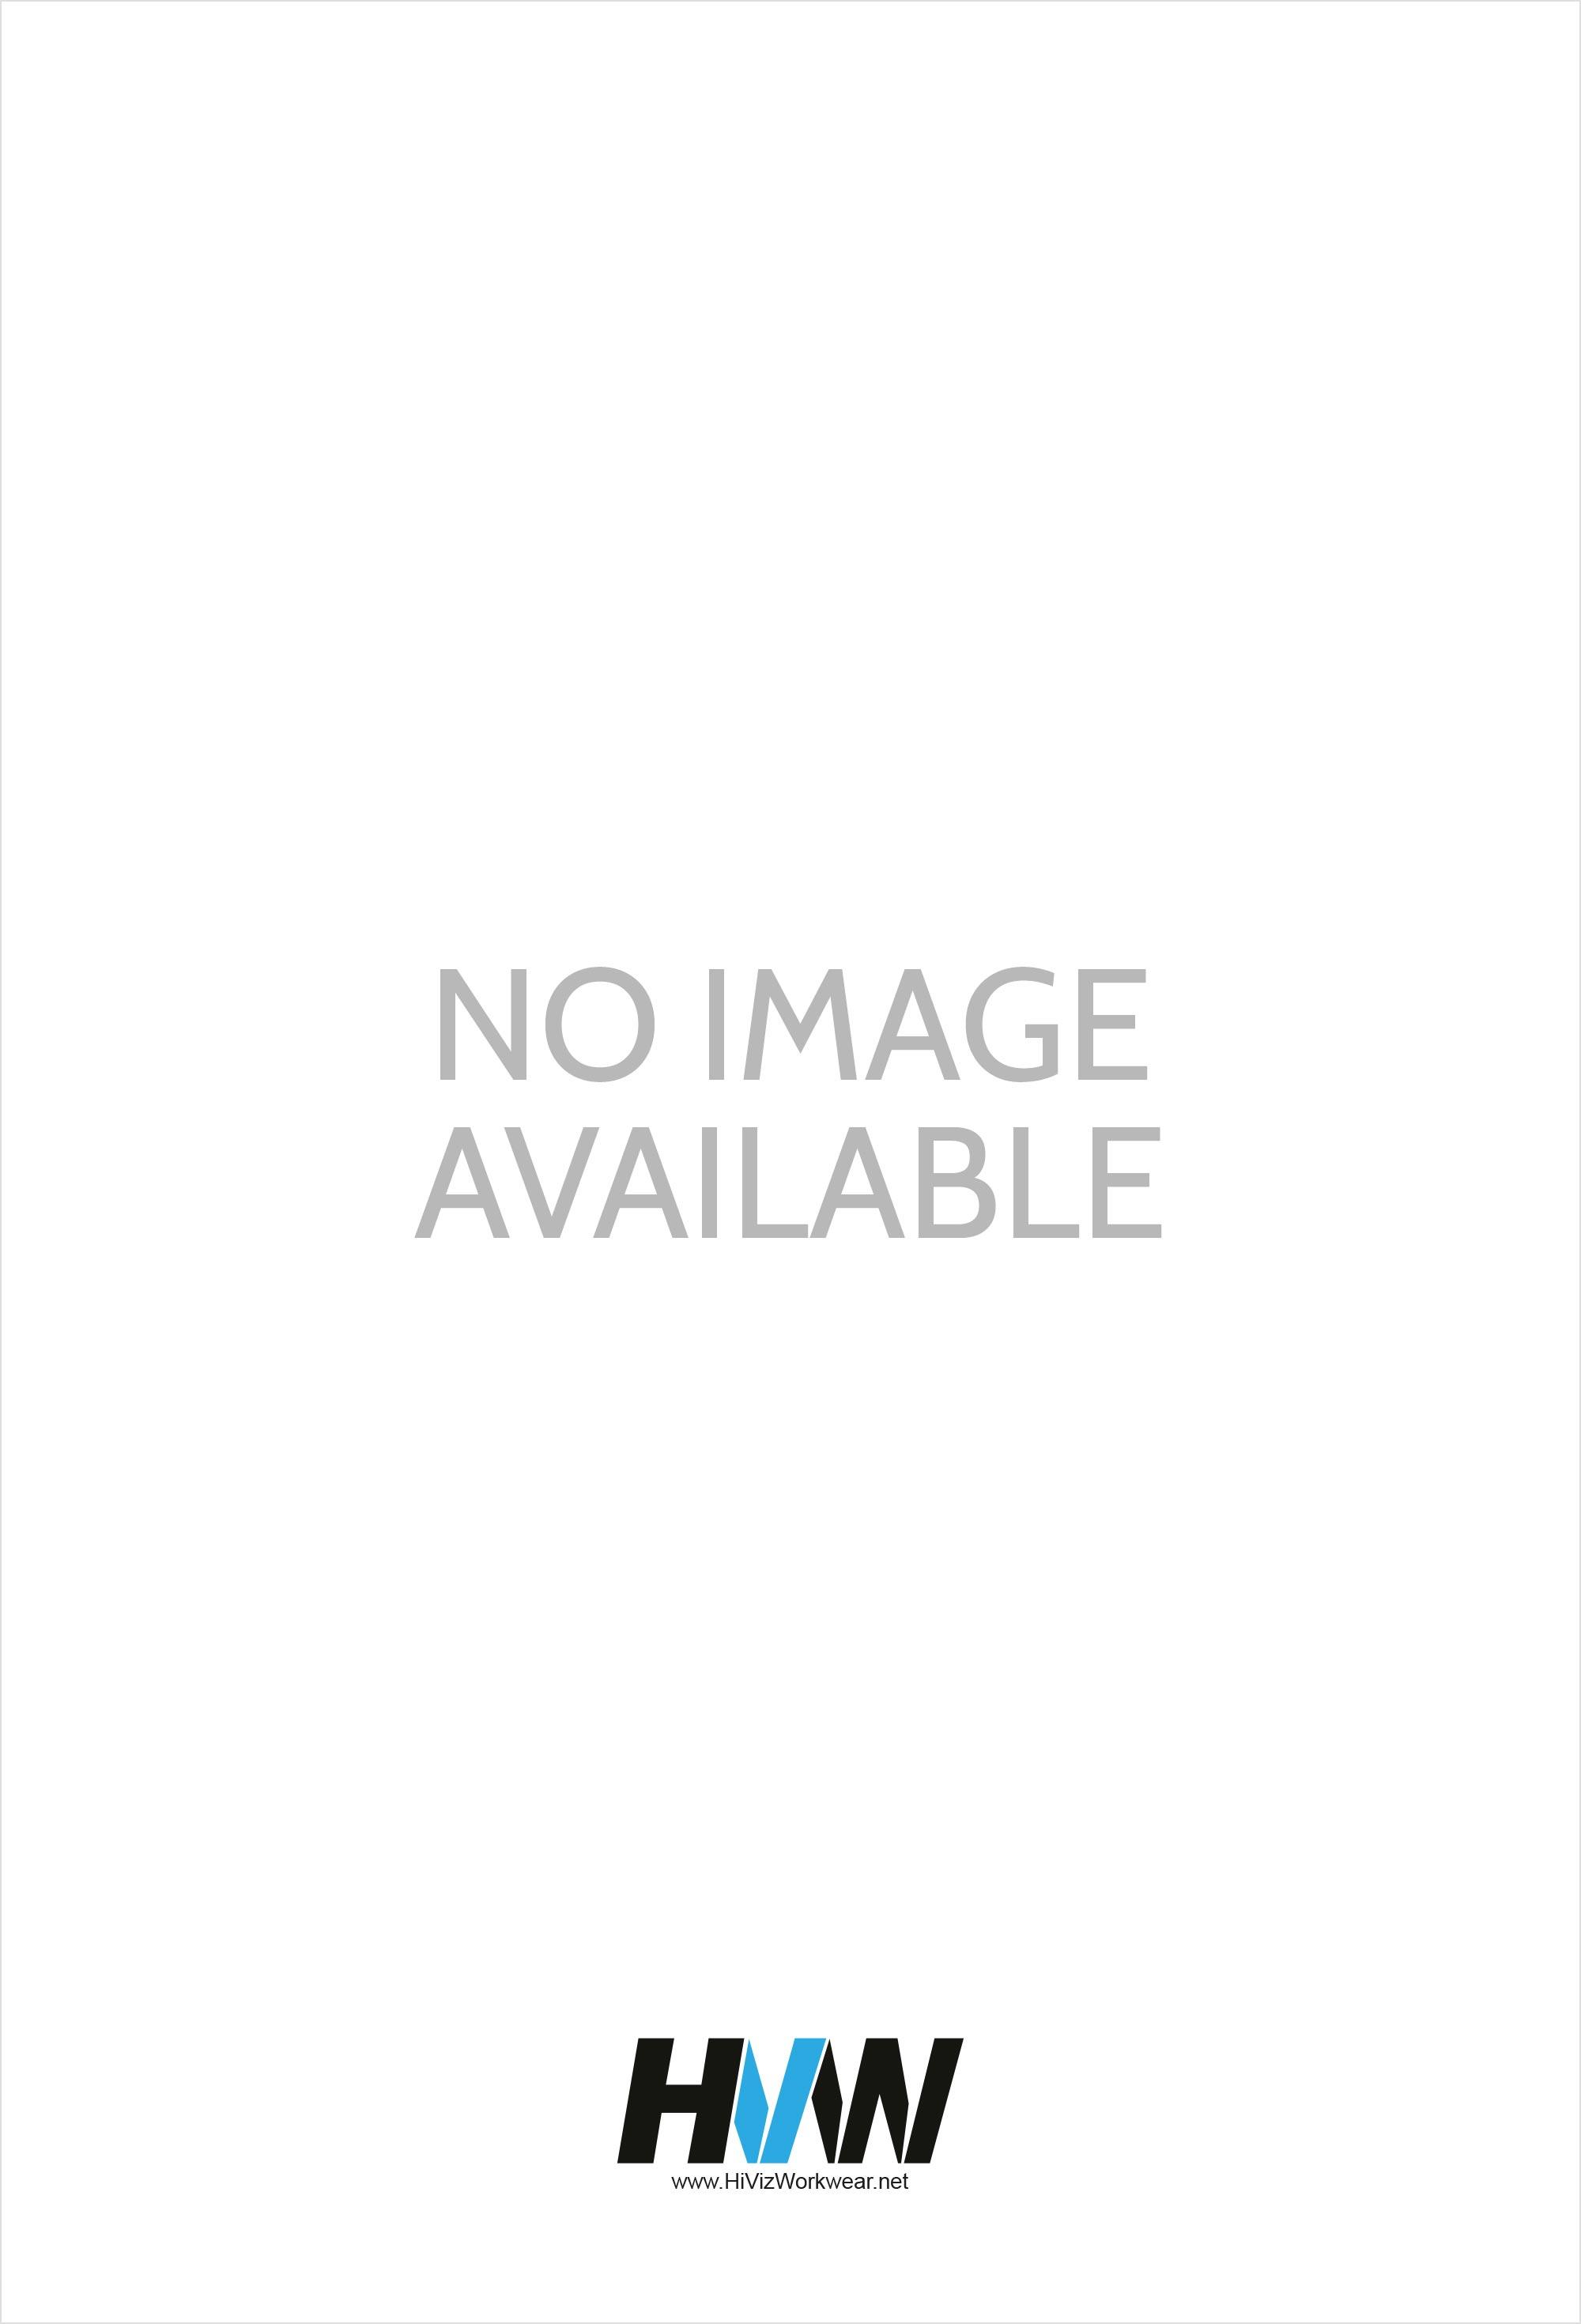 Kustom Kit KK385 City Business Short Sleeved Shirt  (Collar Size 14.5 To 19.5)